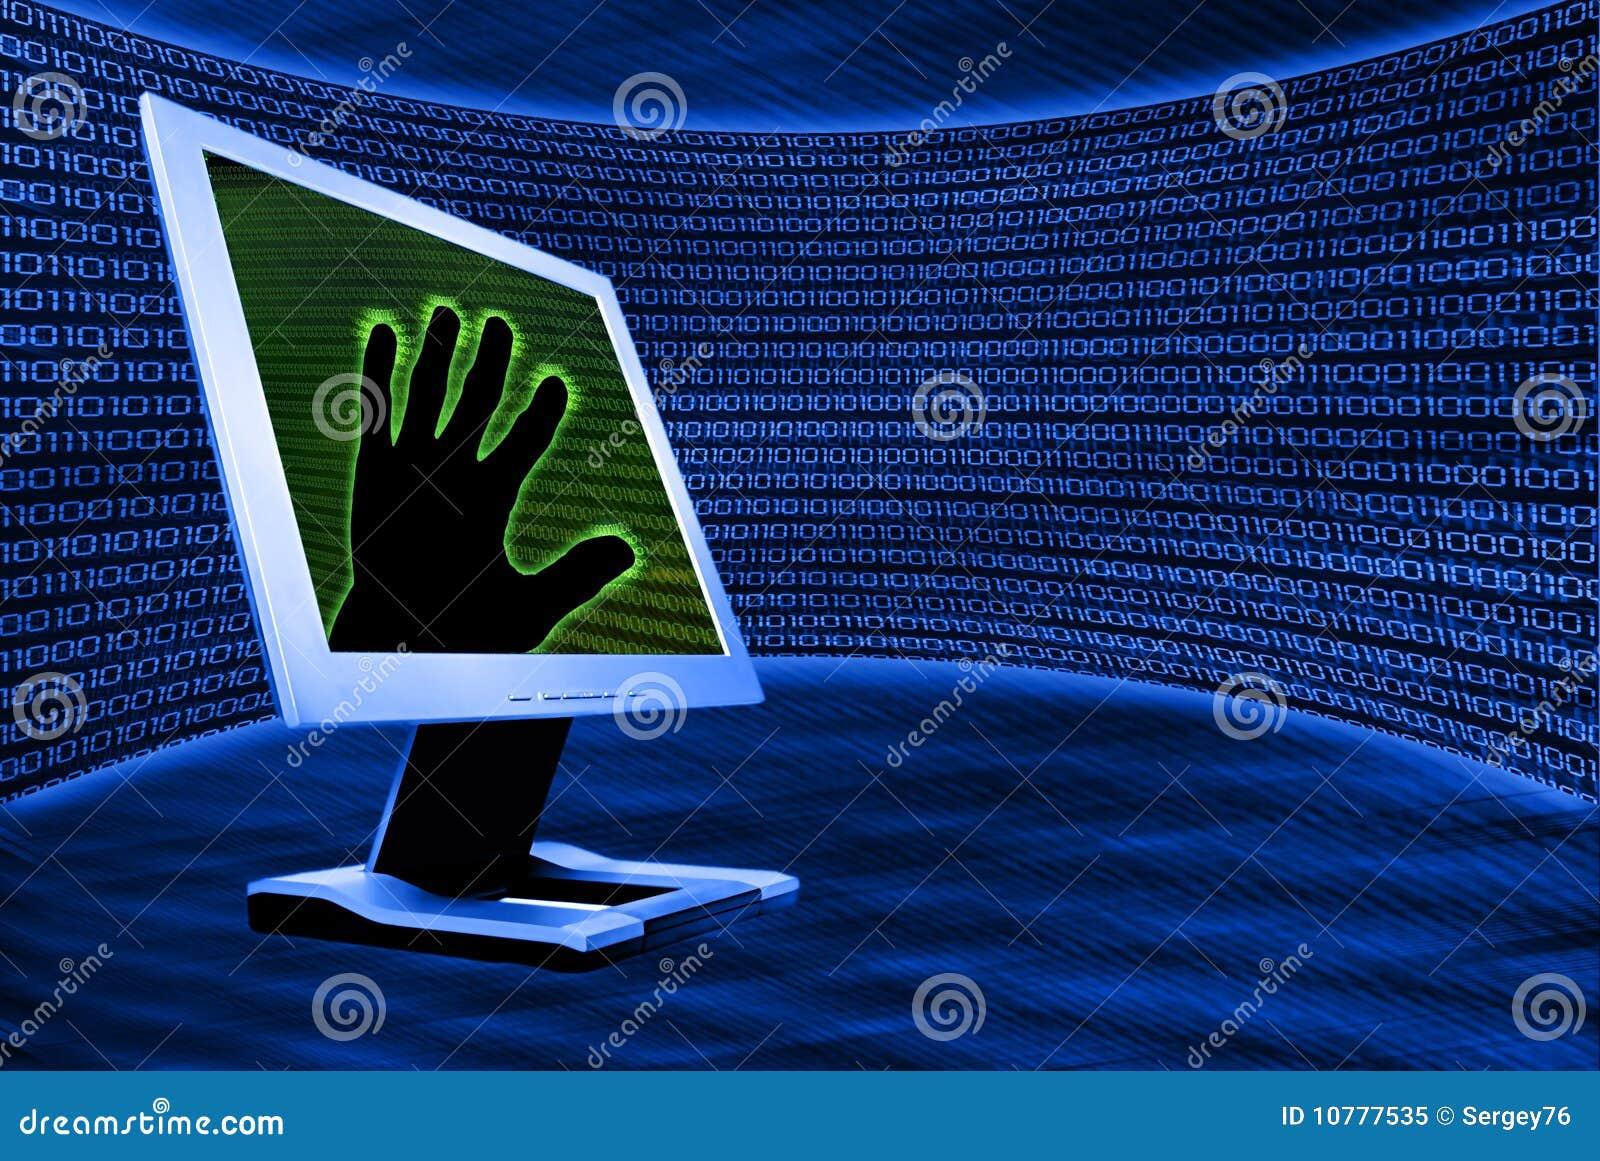 Monitor met hand